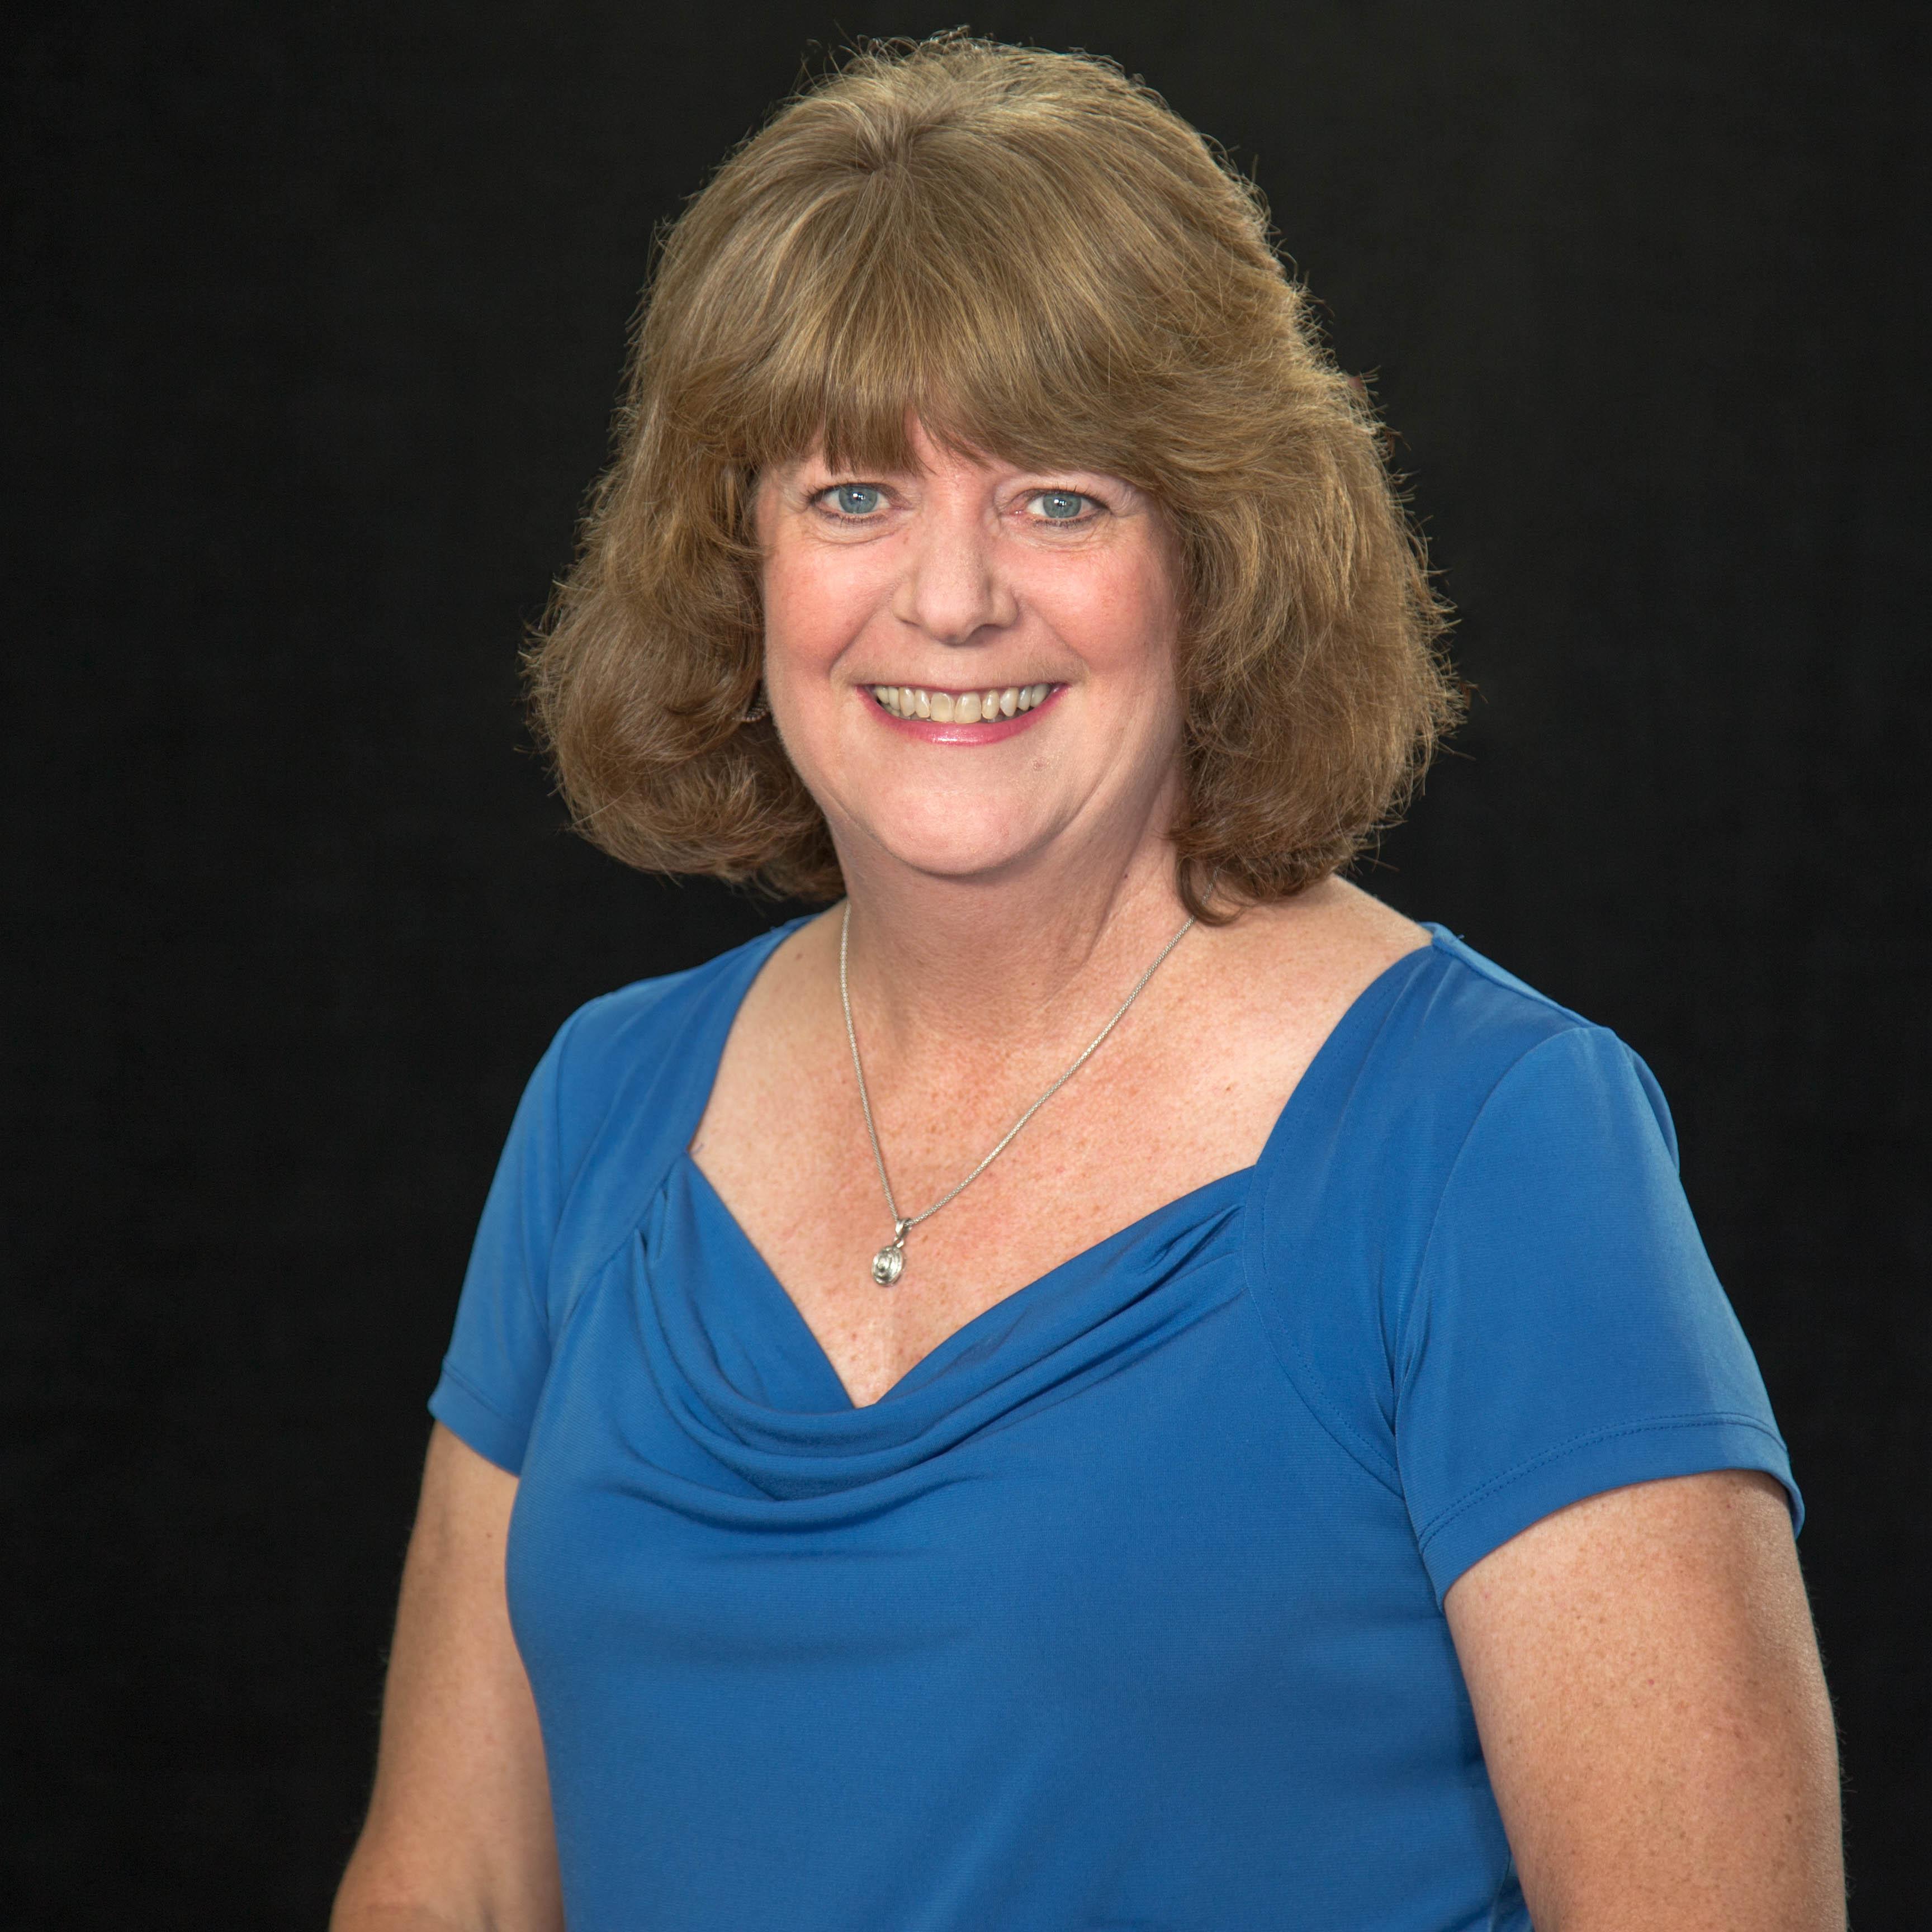 Linda Hisey